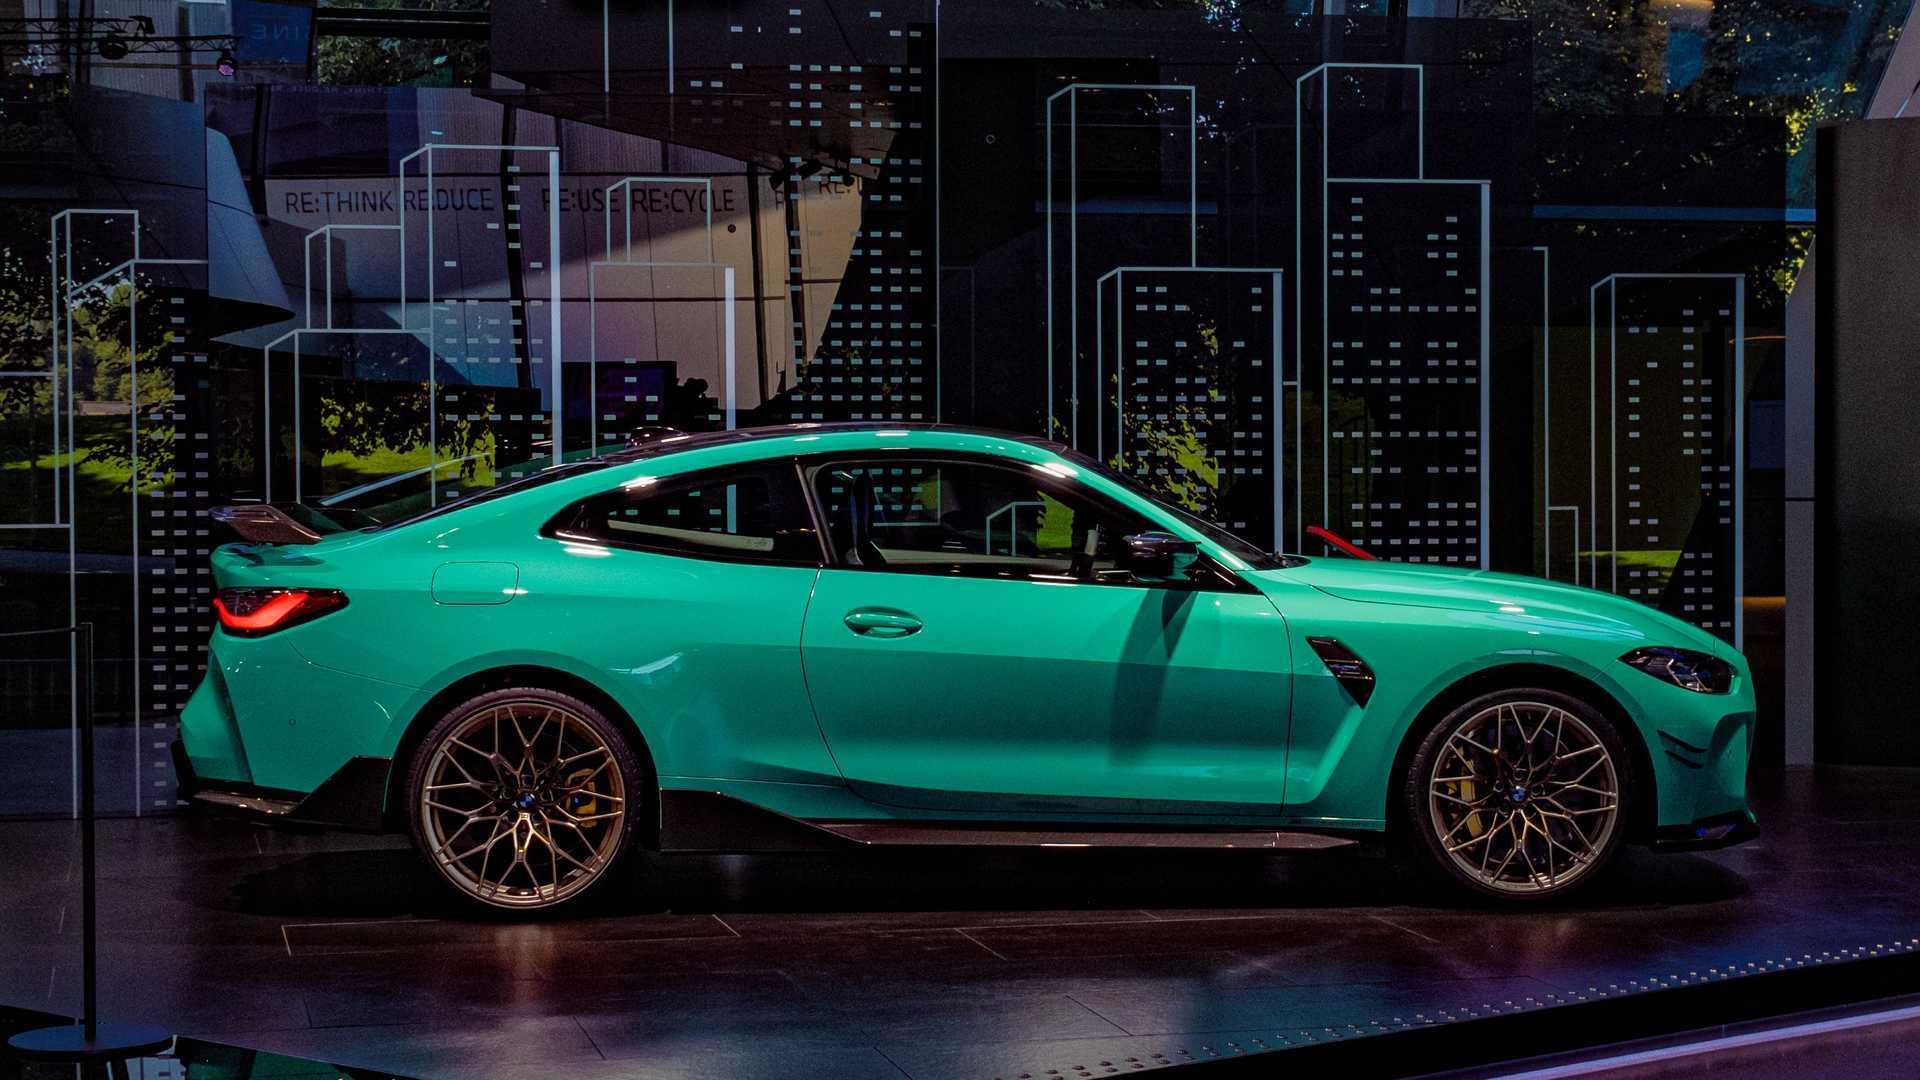 Chiêm ngưỡng xe sang BMW M4 màu xanh Mint lạ mắt-1